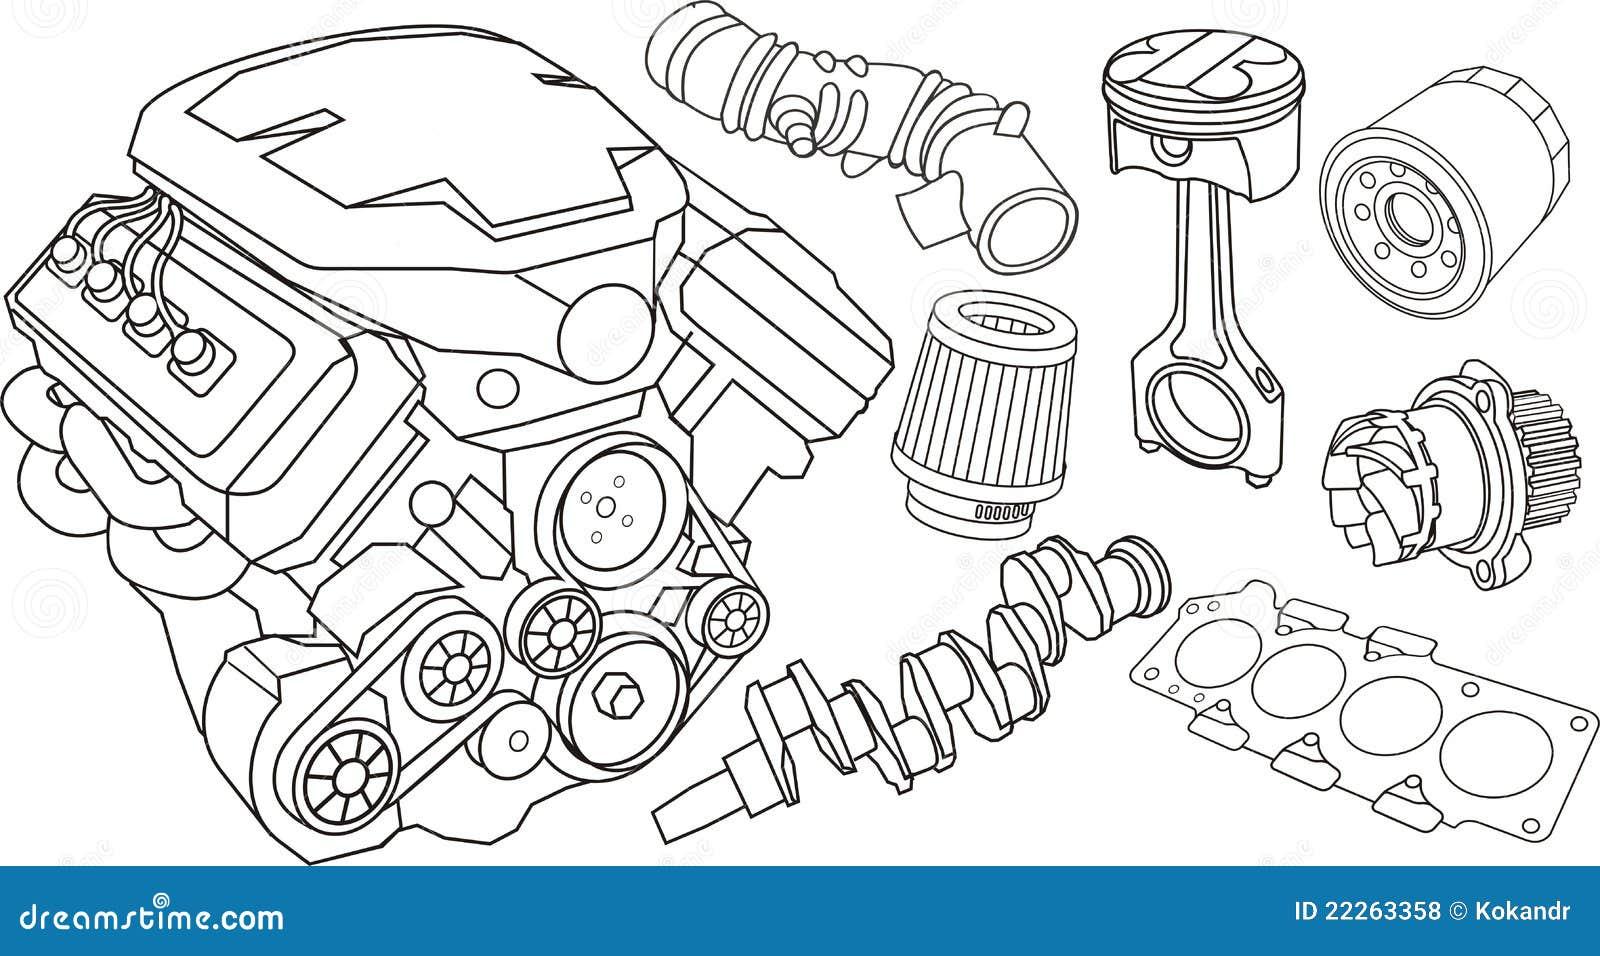 Dibujo De Autos Tuning Para Colorear En Tu Tiempo Libre Dibujos 5: Piezas Del Motor De Coche Fotos De Archivo Libres De